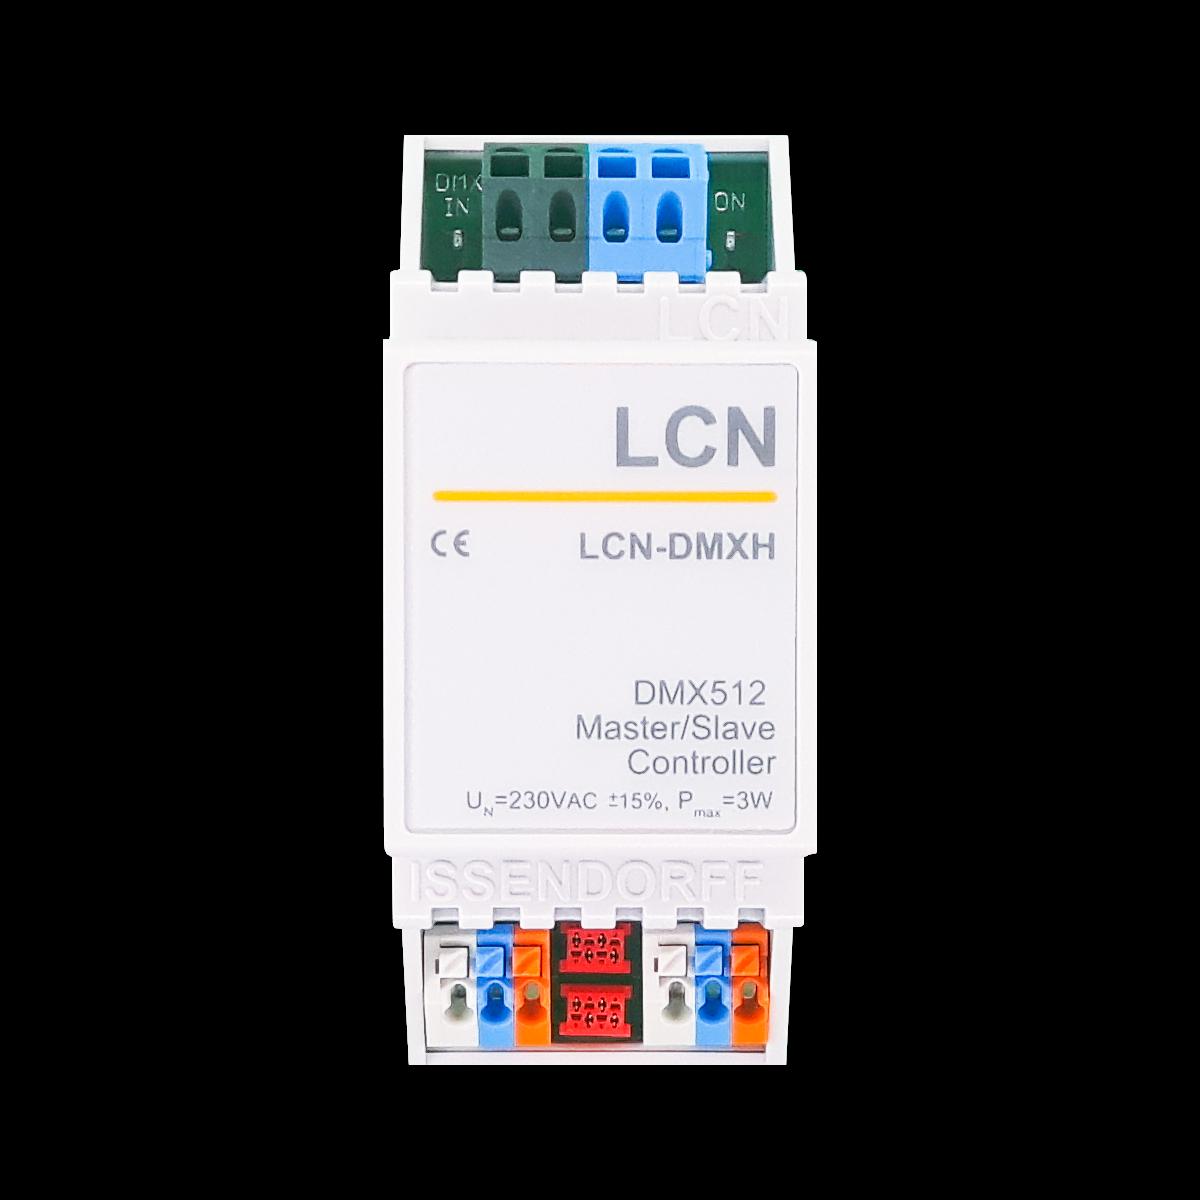 LCN-DMXH